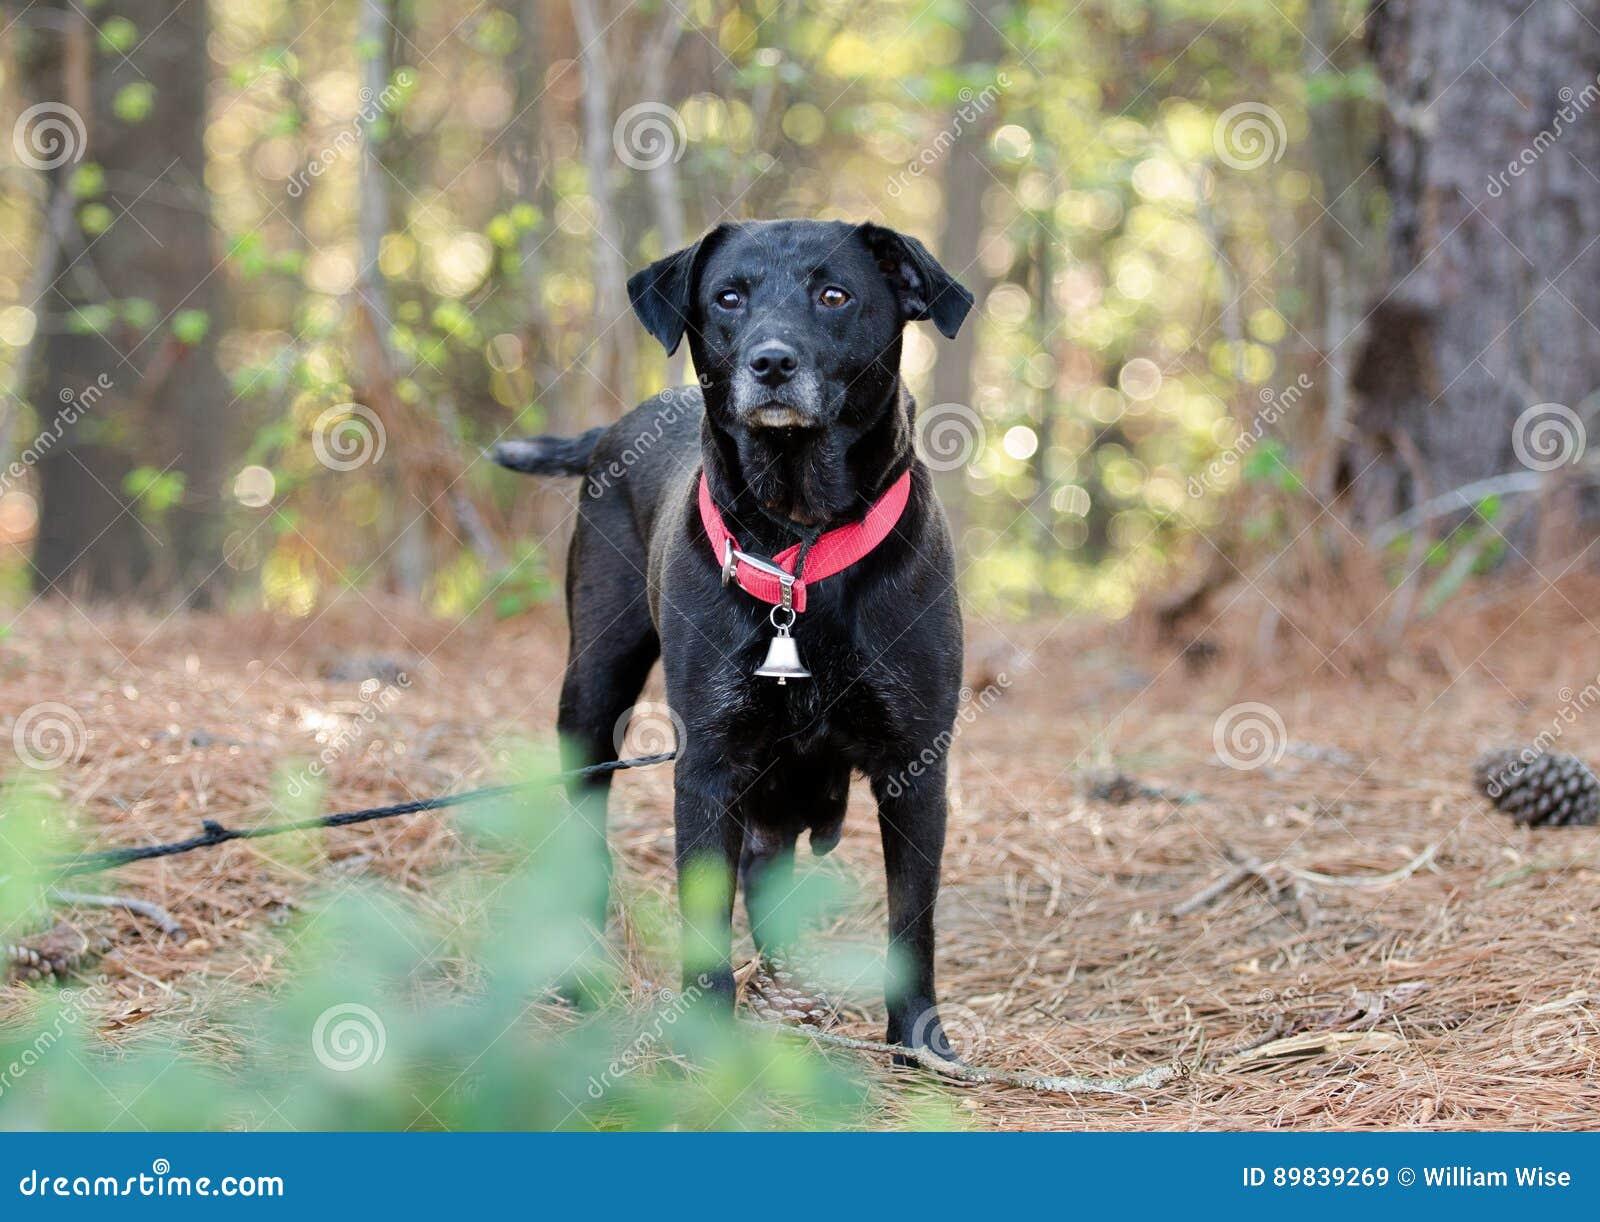 Red Collar Dog Adoption